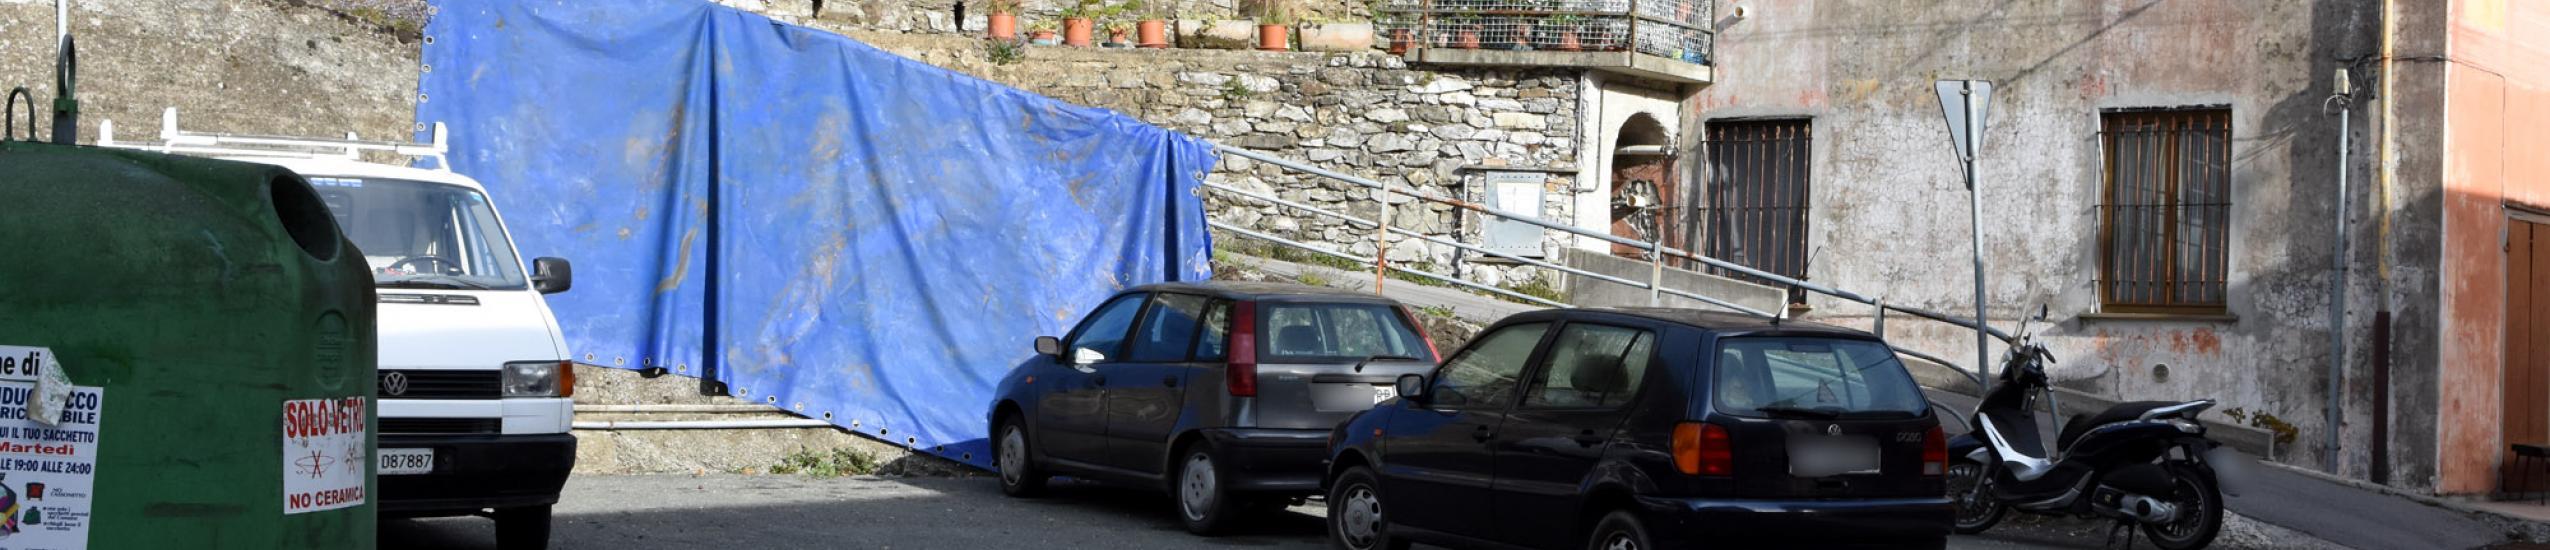 Parcheggio pubblico Castagnelo